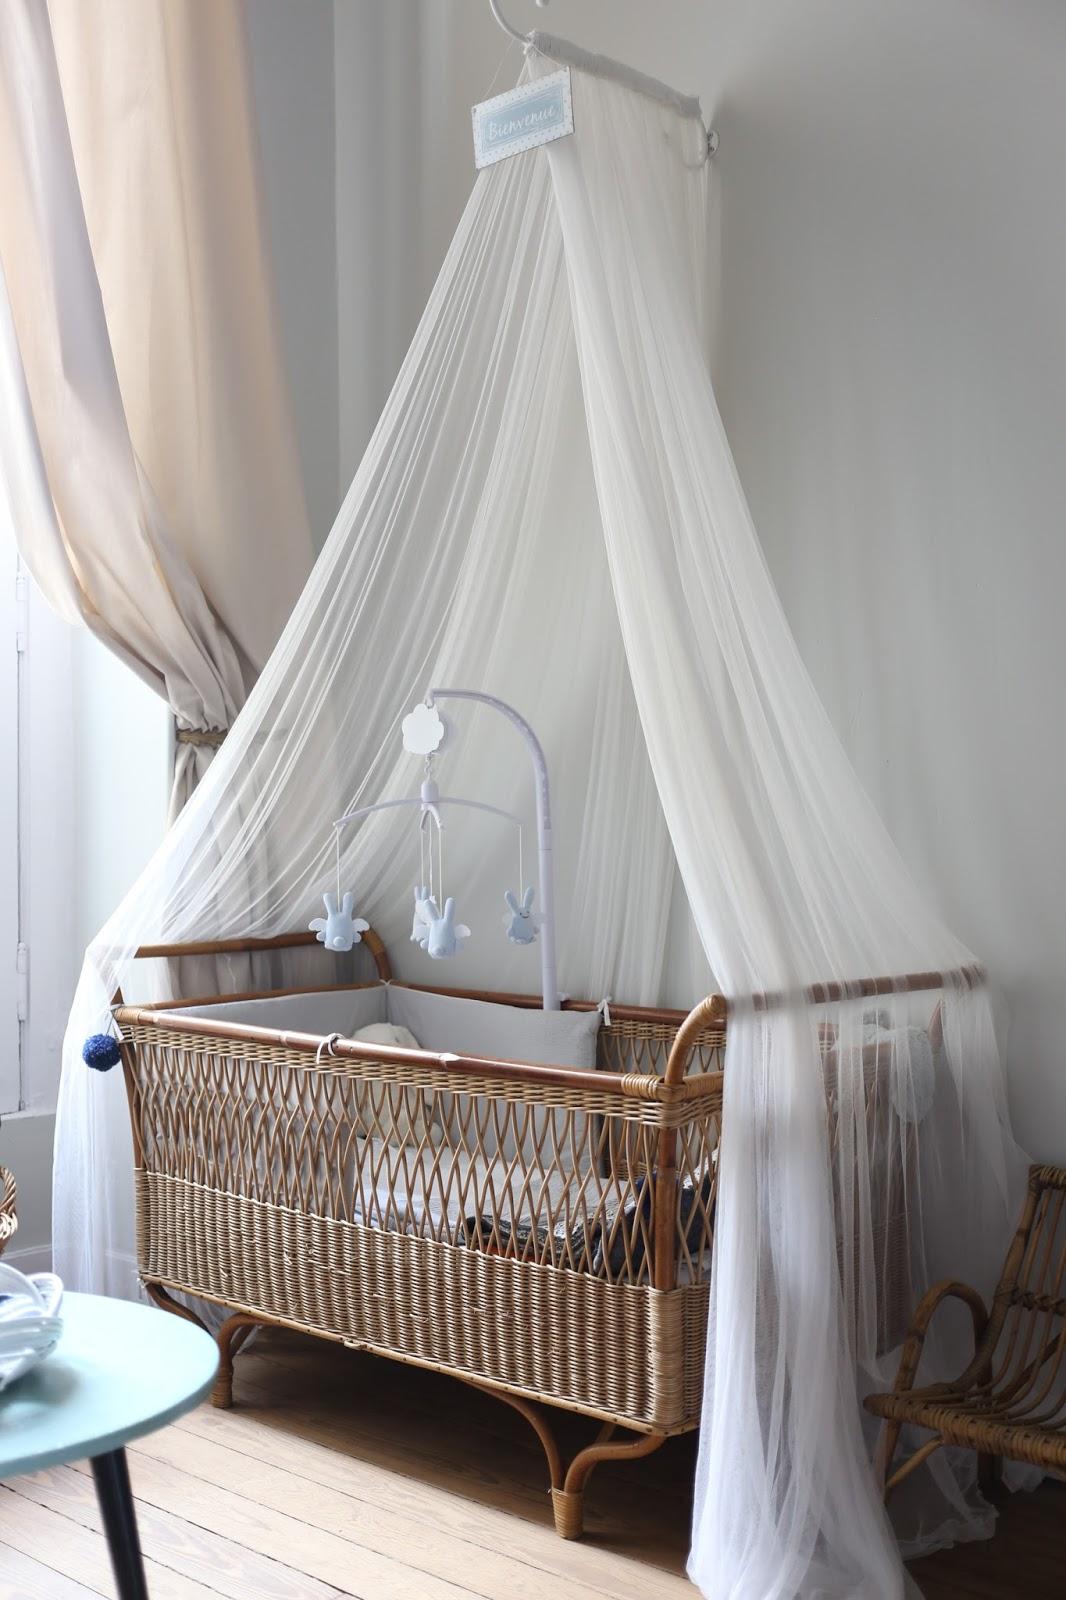 c 39 est la re cr ation vintage scolaire vintage coup de c ur lit enfant en osier vintage. Black Bedroom Furniture Sets. Home Design Ideas